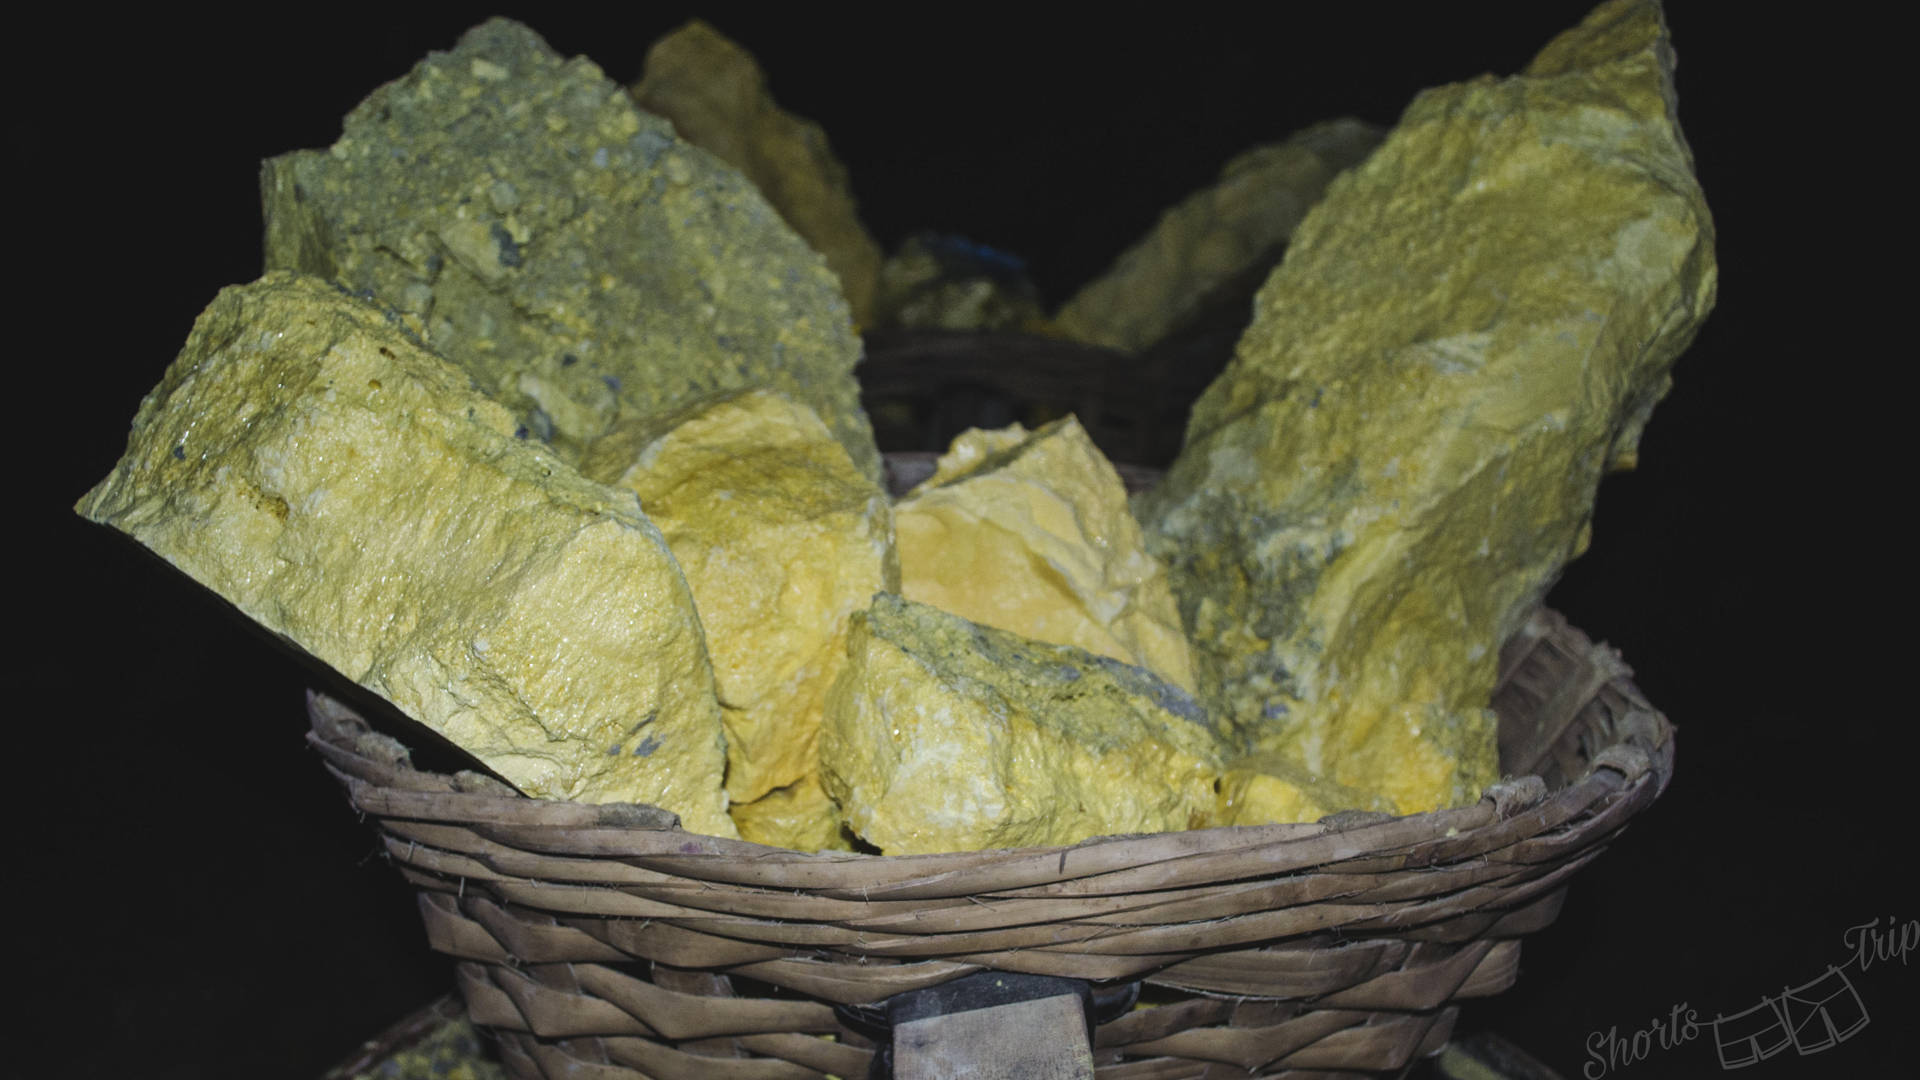 sulphur ijen, piece of sulphur ijen, ijen hike, ijen how to hike, how to climb ijen on your own, how to climb ijen at night, ijen indonesia information, ijen volcano hike